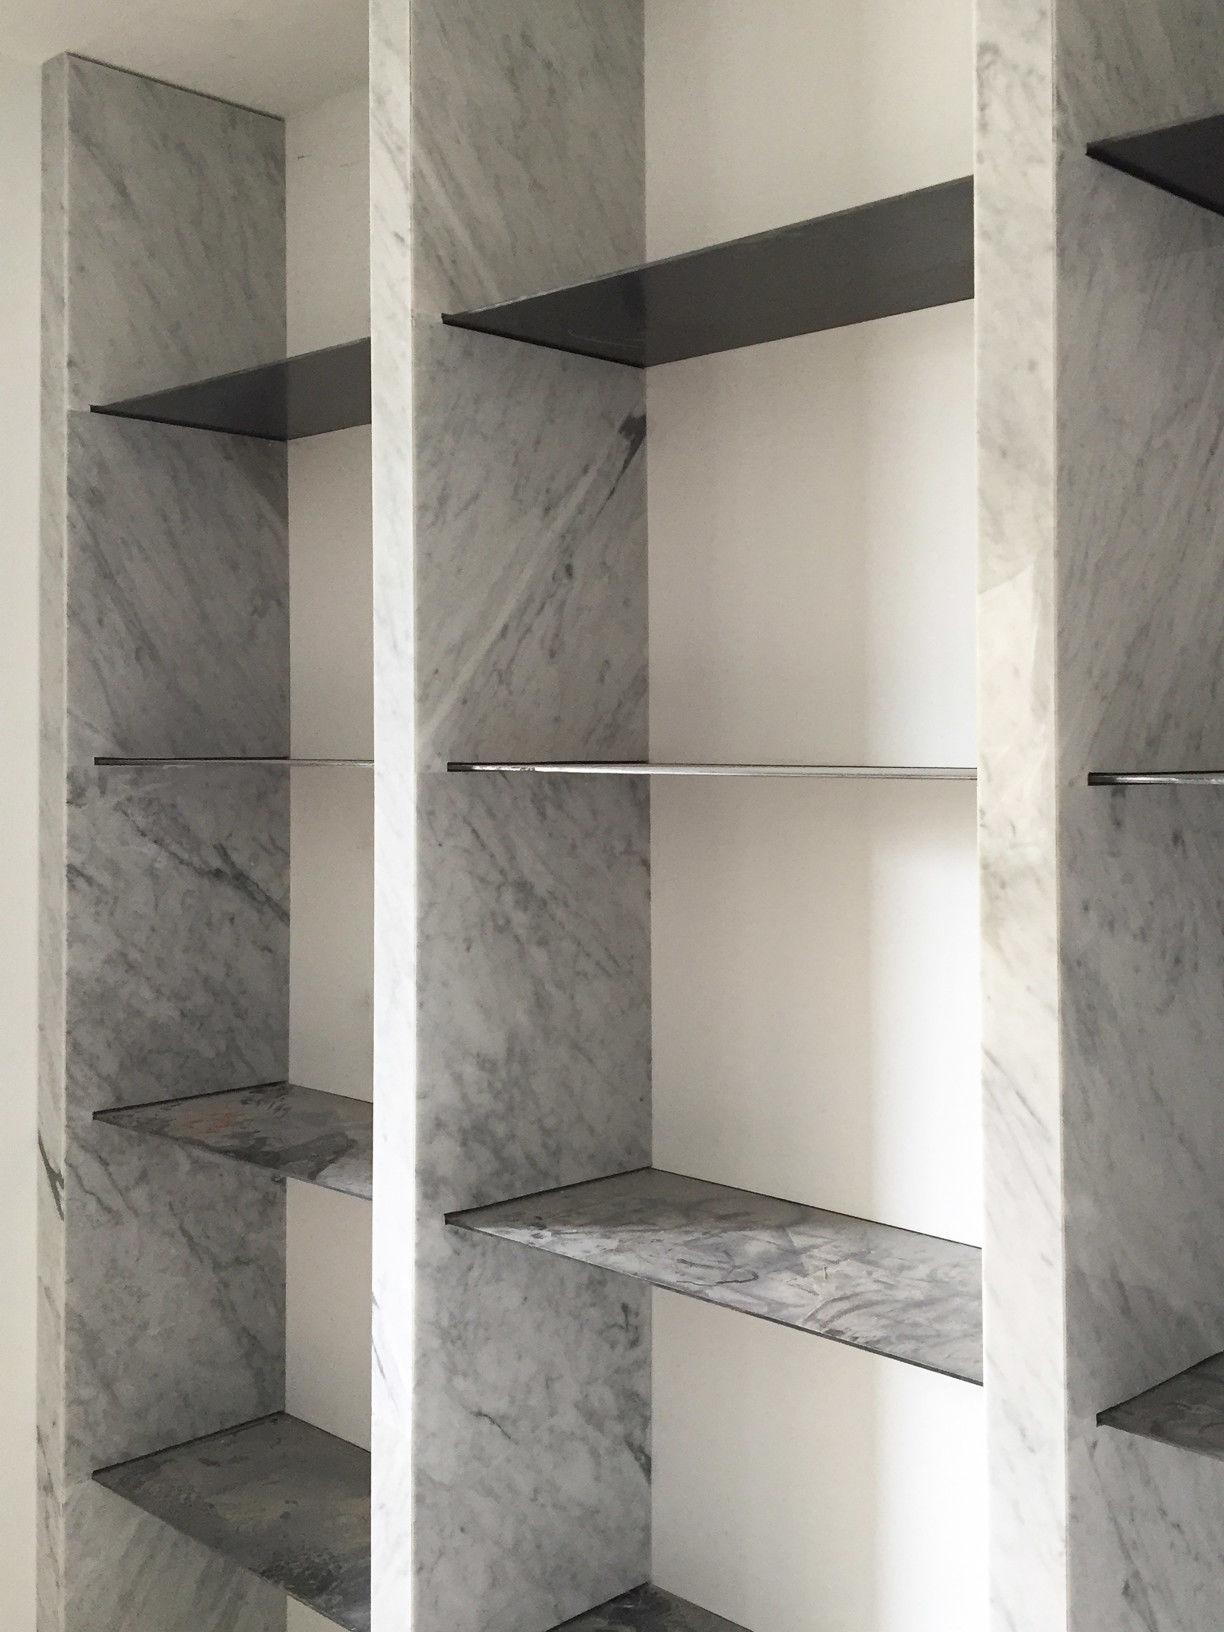 分子室內裝修設計 - 台中新成屋裝修 - 石材展示櫃施工照